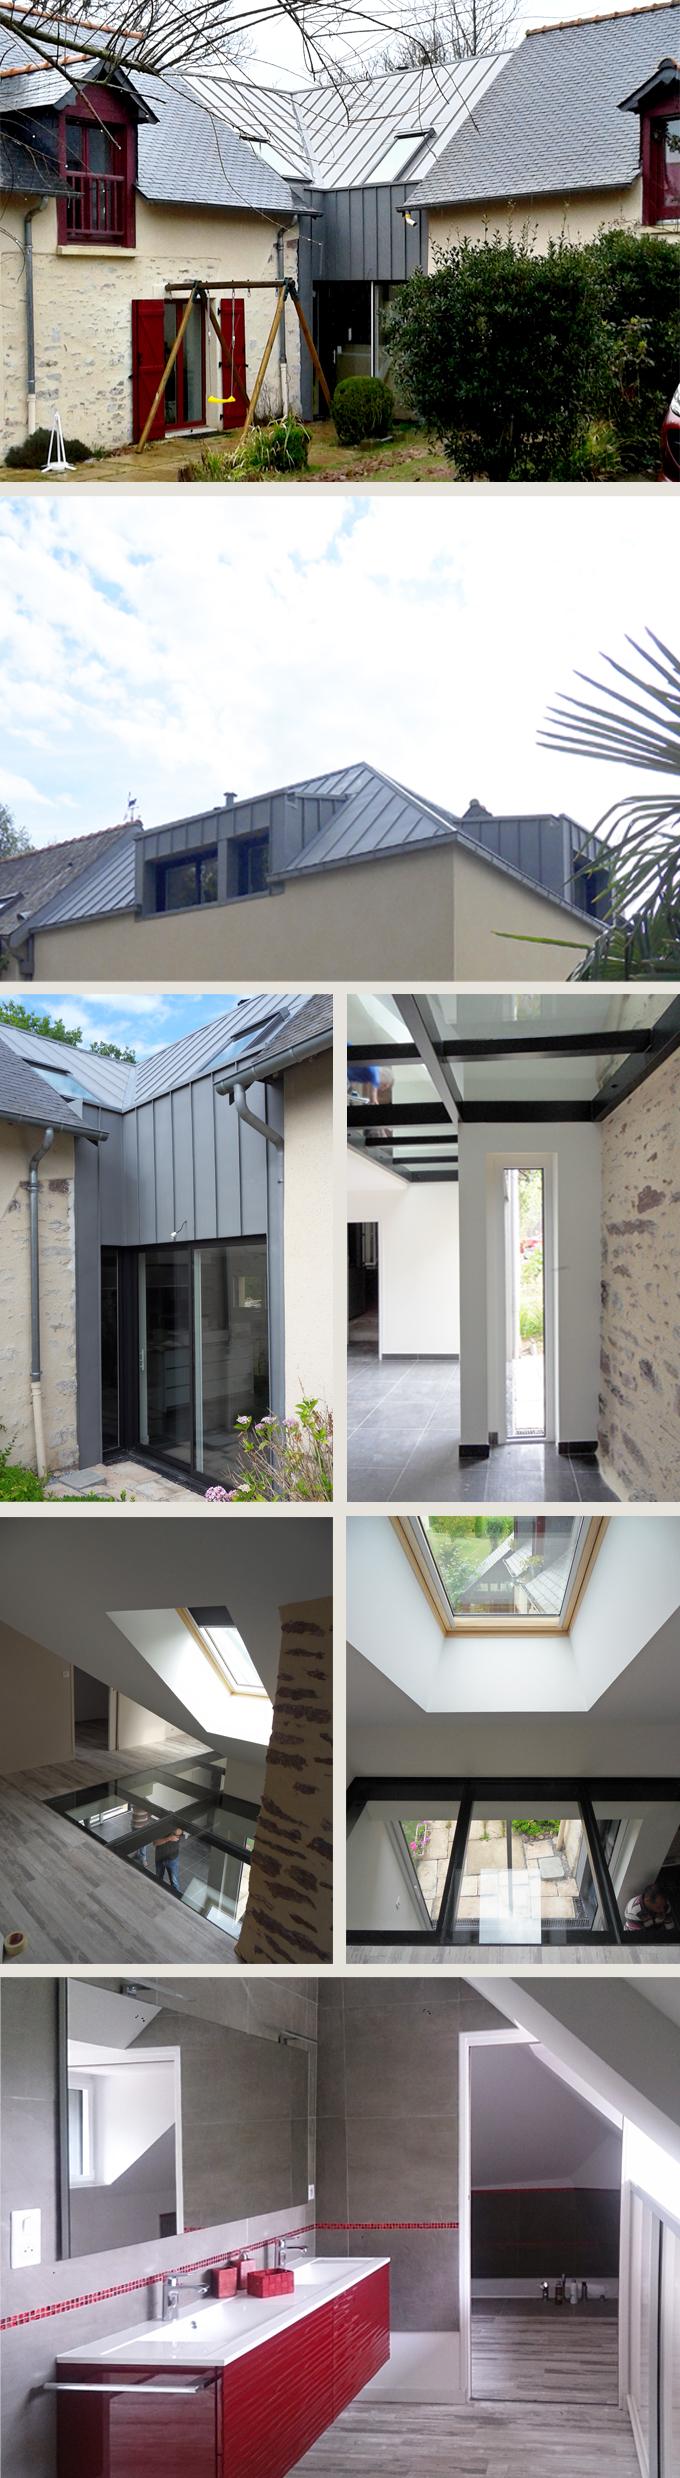 Extension sur 2 niveaux en liaison des constructions existantes à Montfort sur Meu (35)